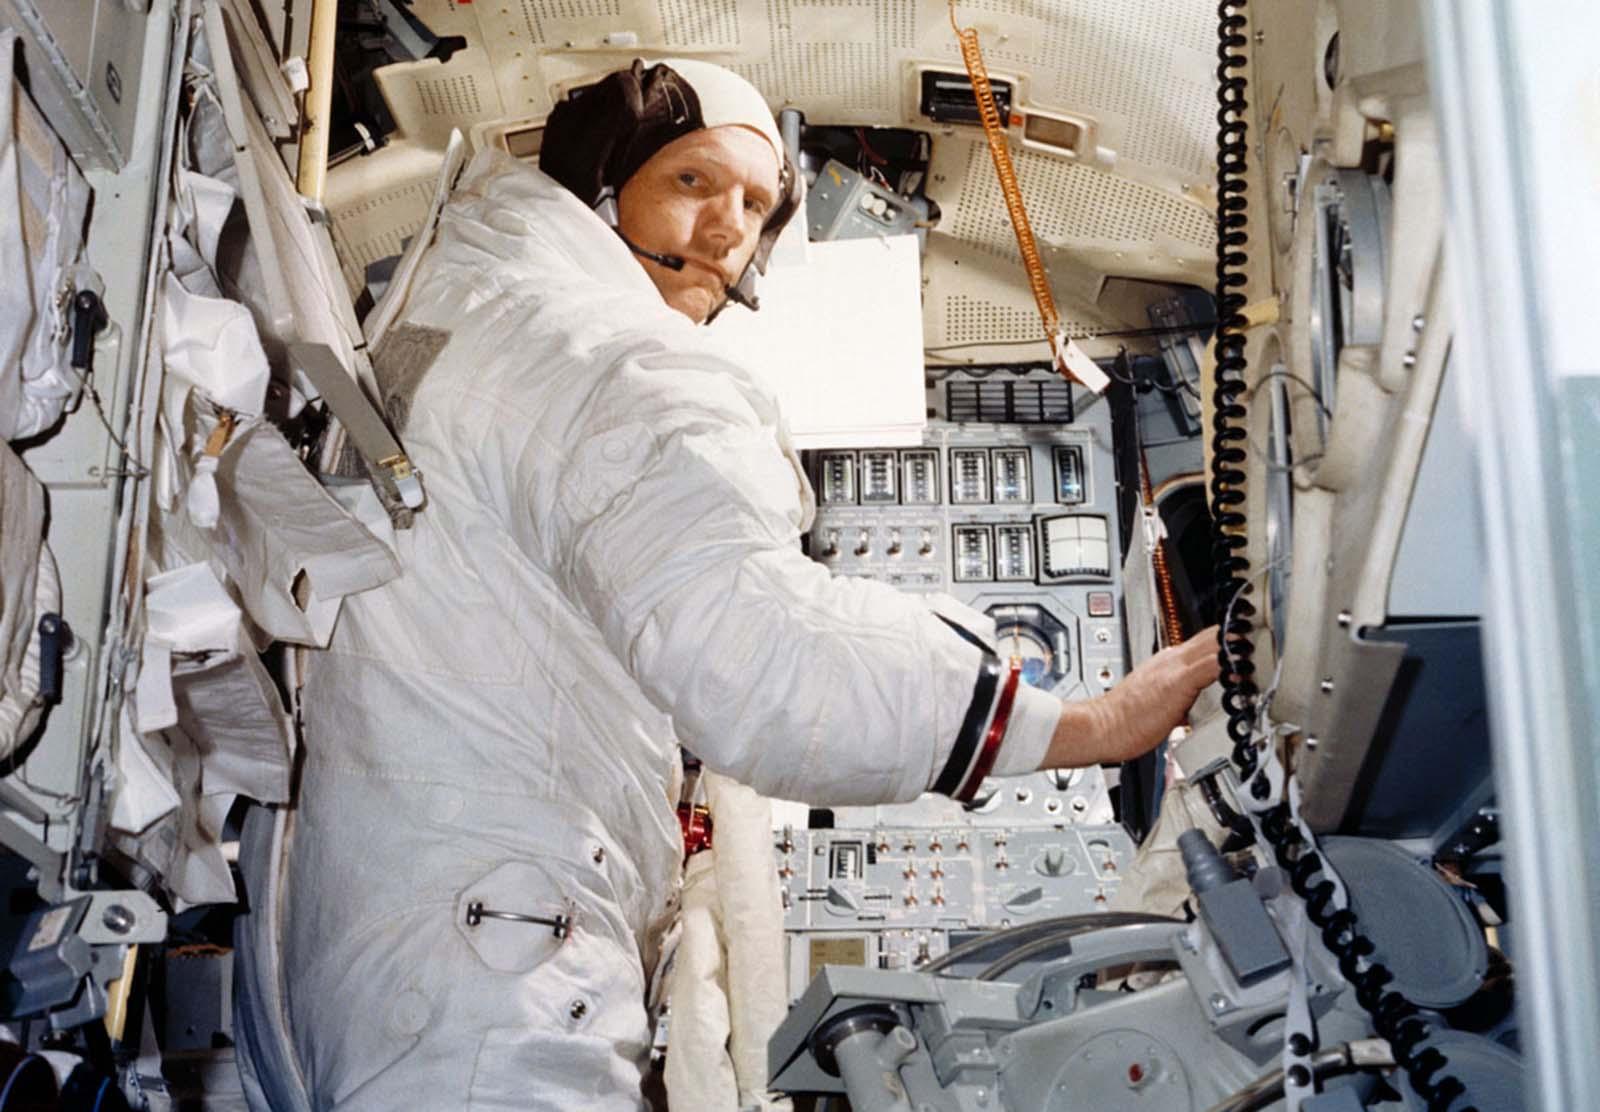 Apollo 11 preparation%2B%252825%2529 - Fotos raras da preparação de Neil Armstrong antes de ir a Lua